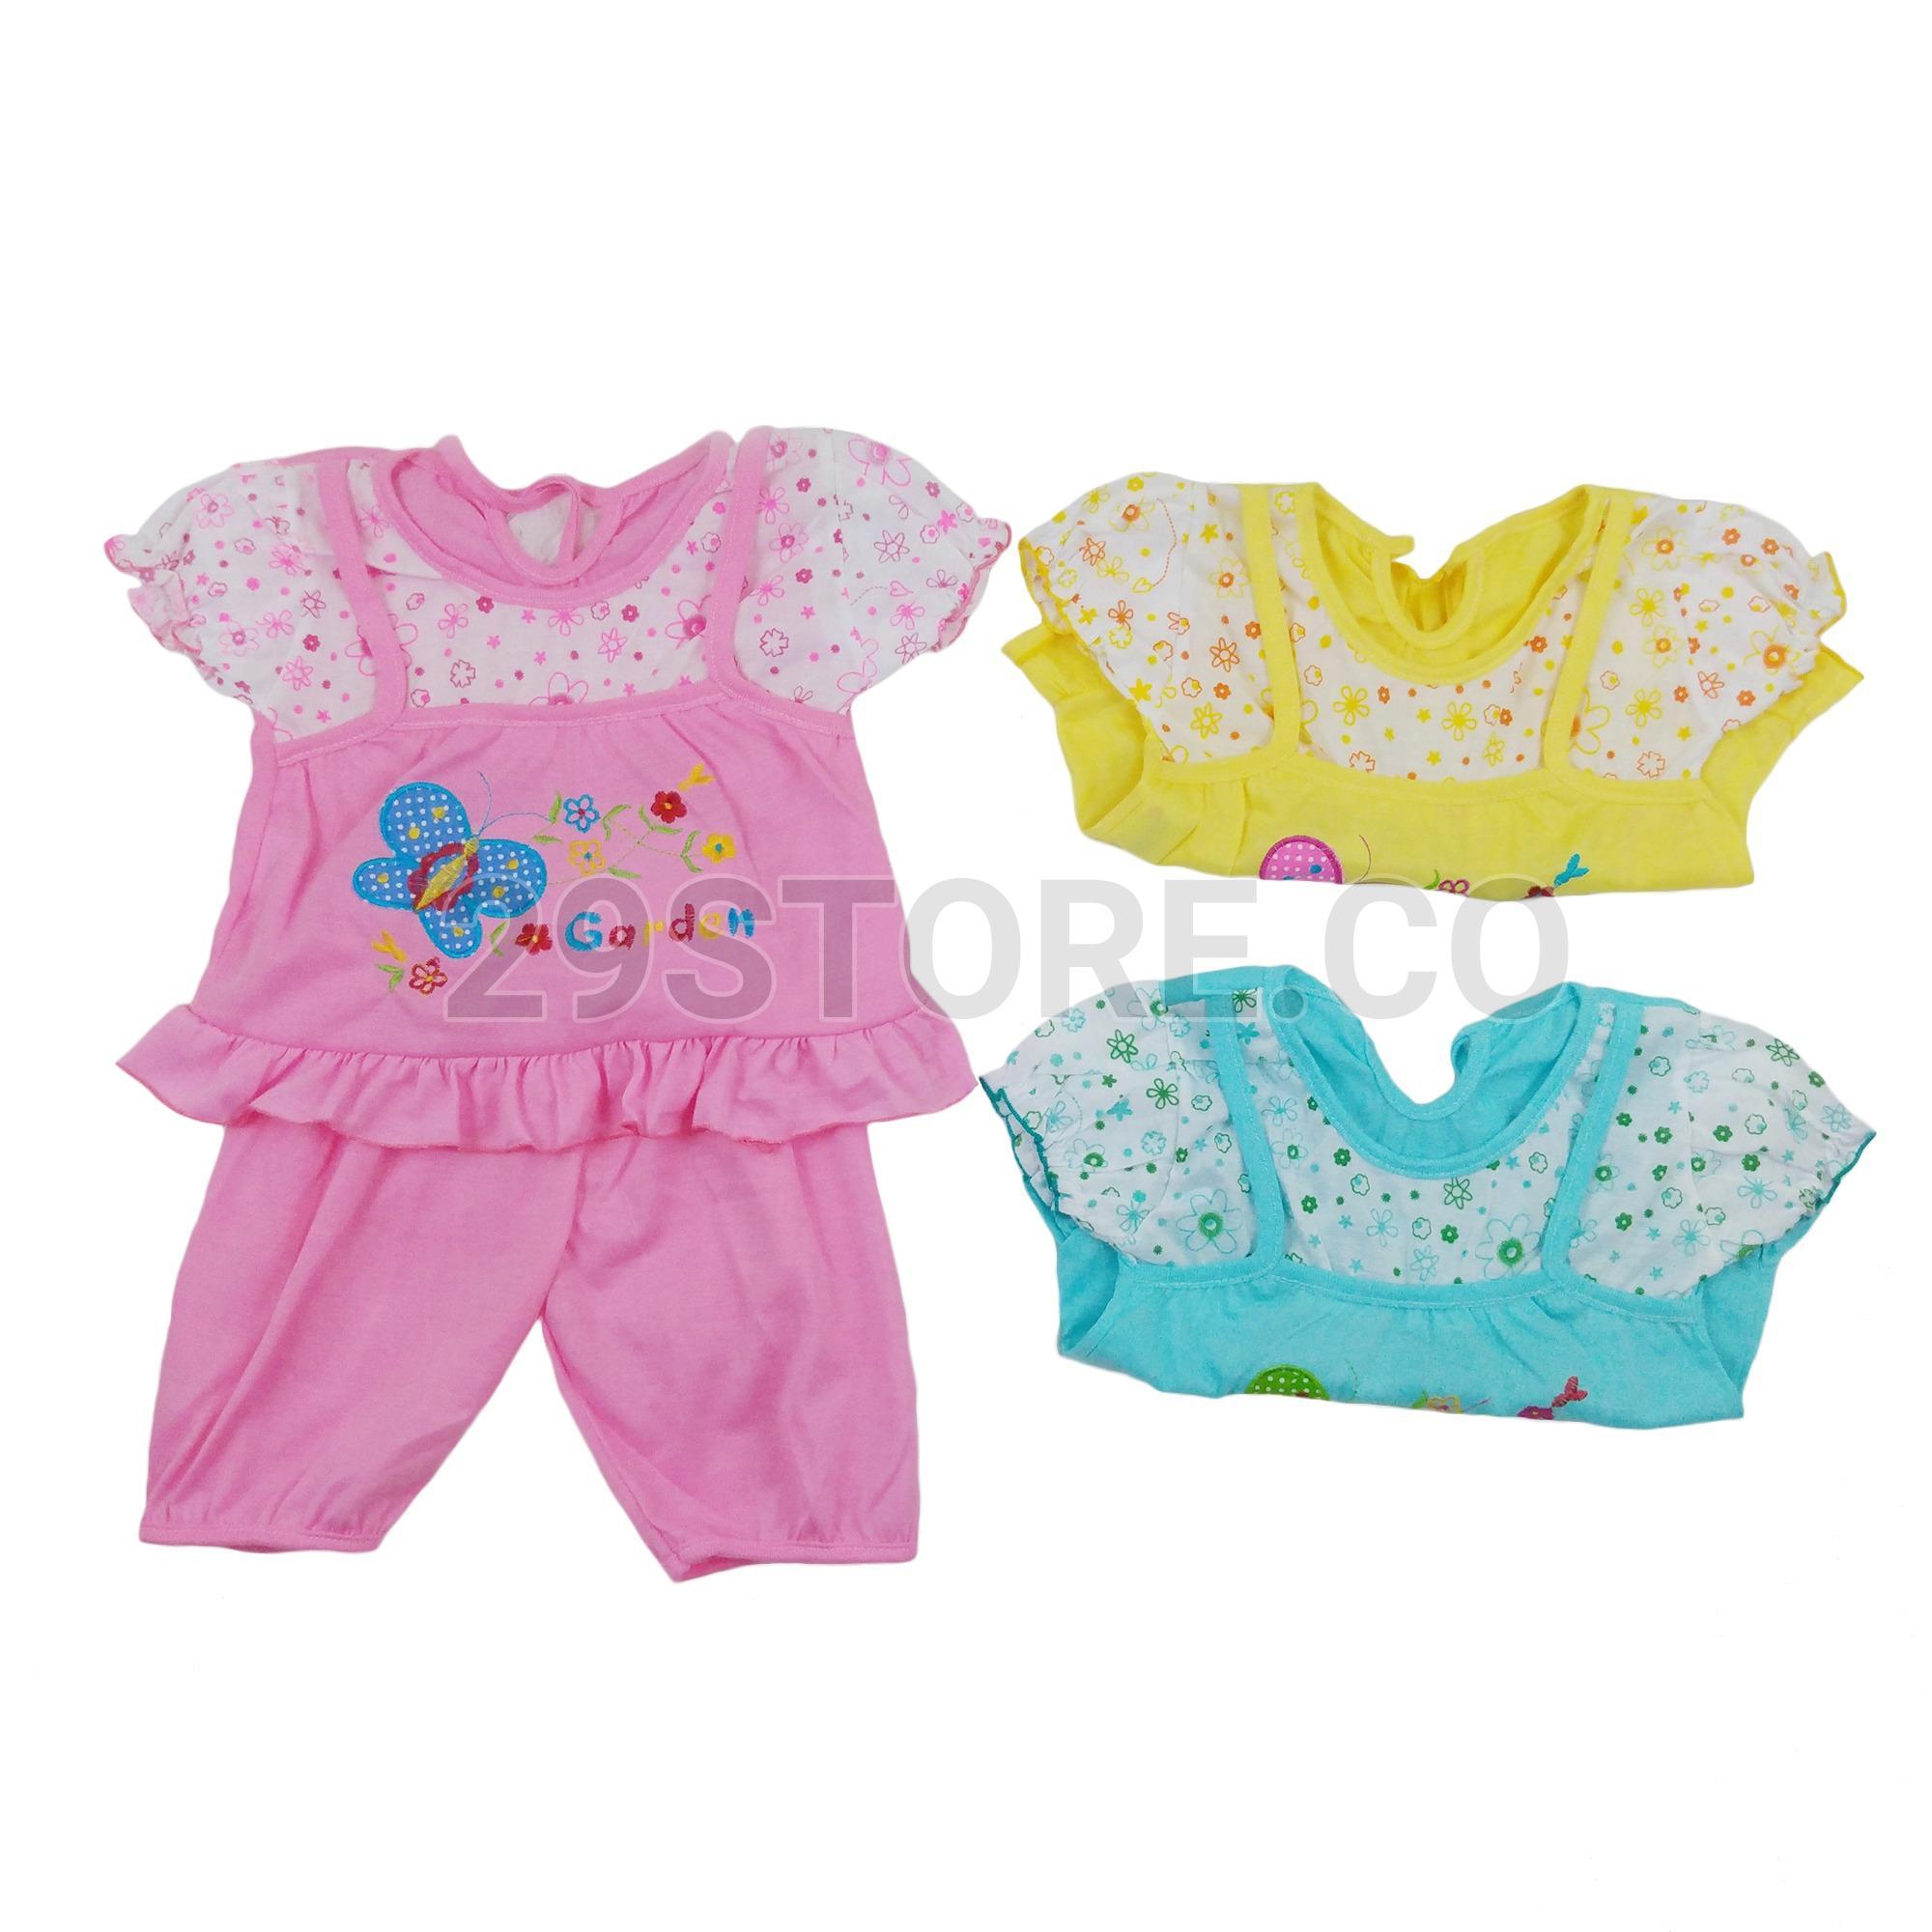 Rp 47.800 3 Set - Setelan Dress Baju Kaos Anak Bayi Cewek PerempuanIDR47800